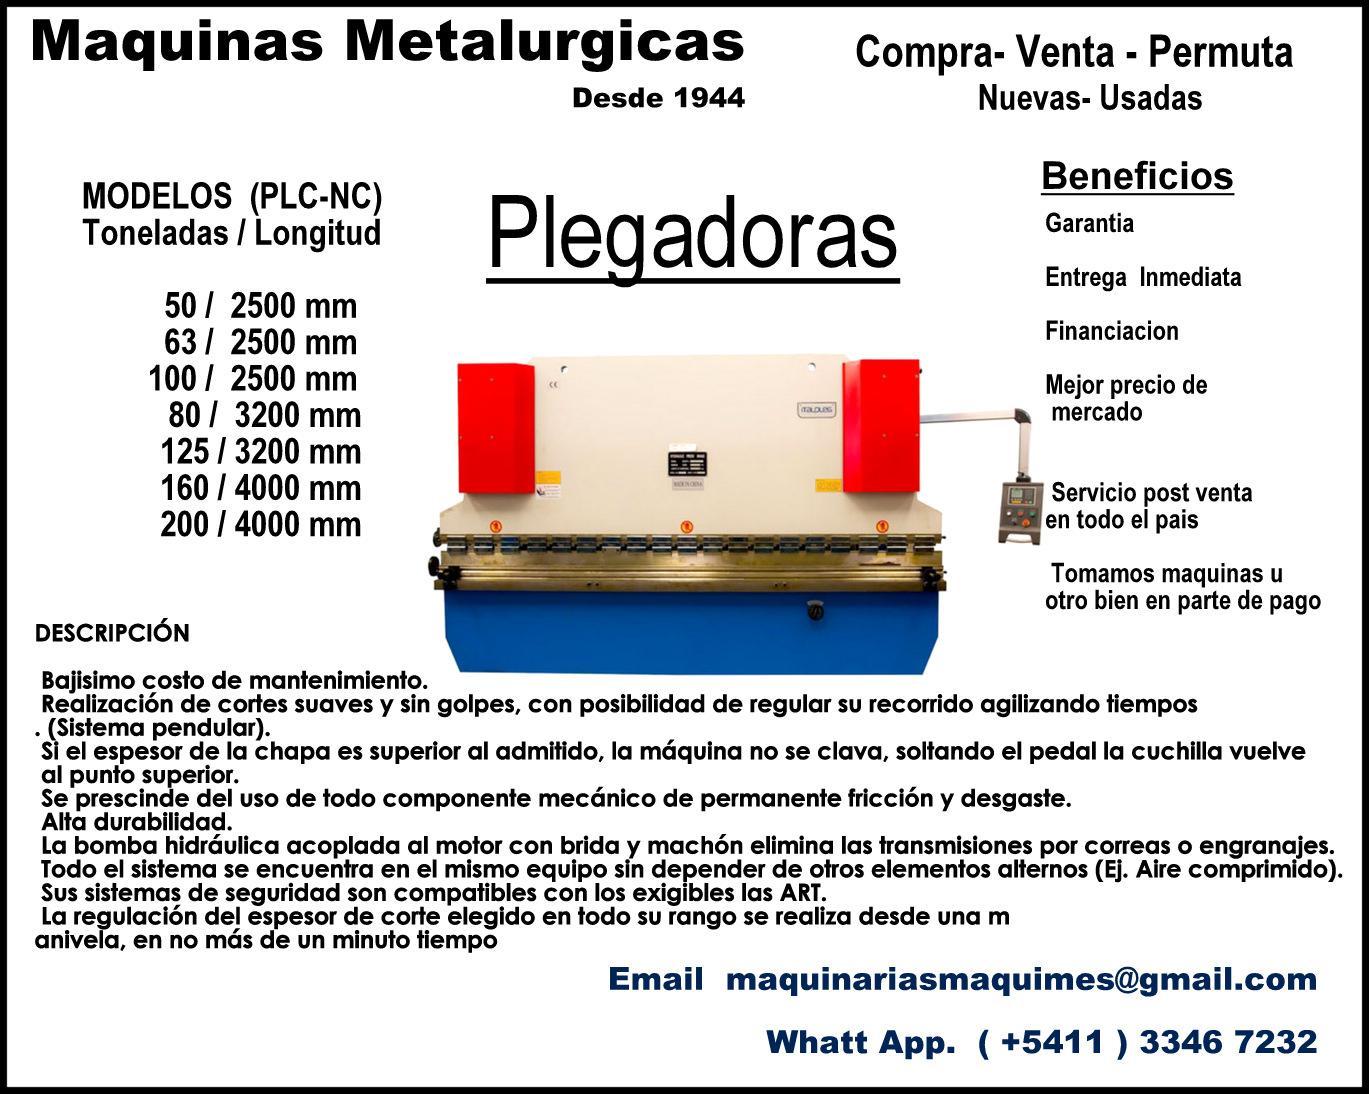 PLEGADORA -MAQUINAS METALURGICAS